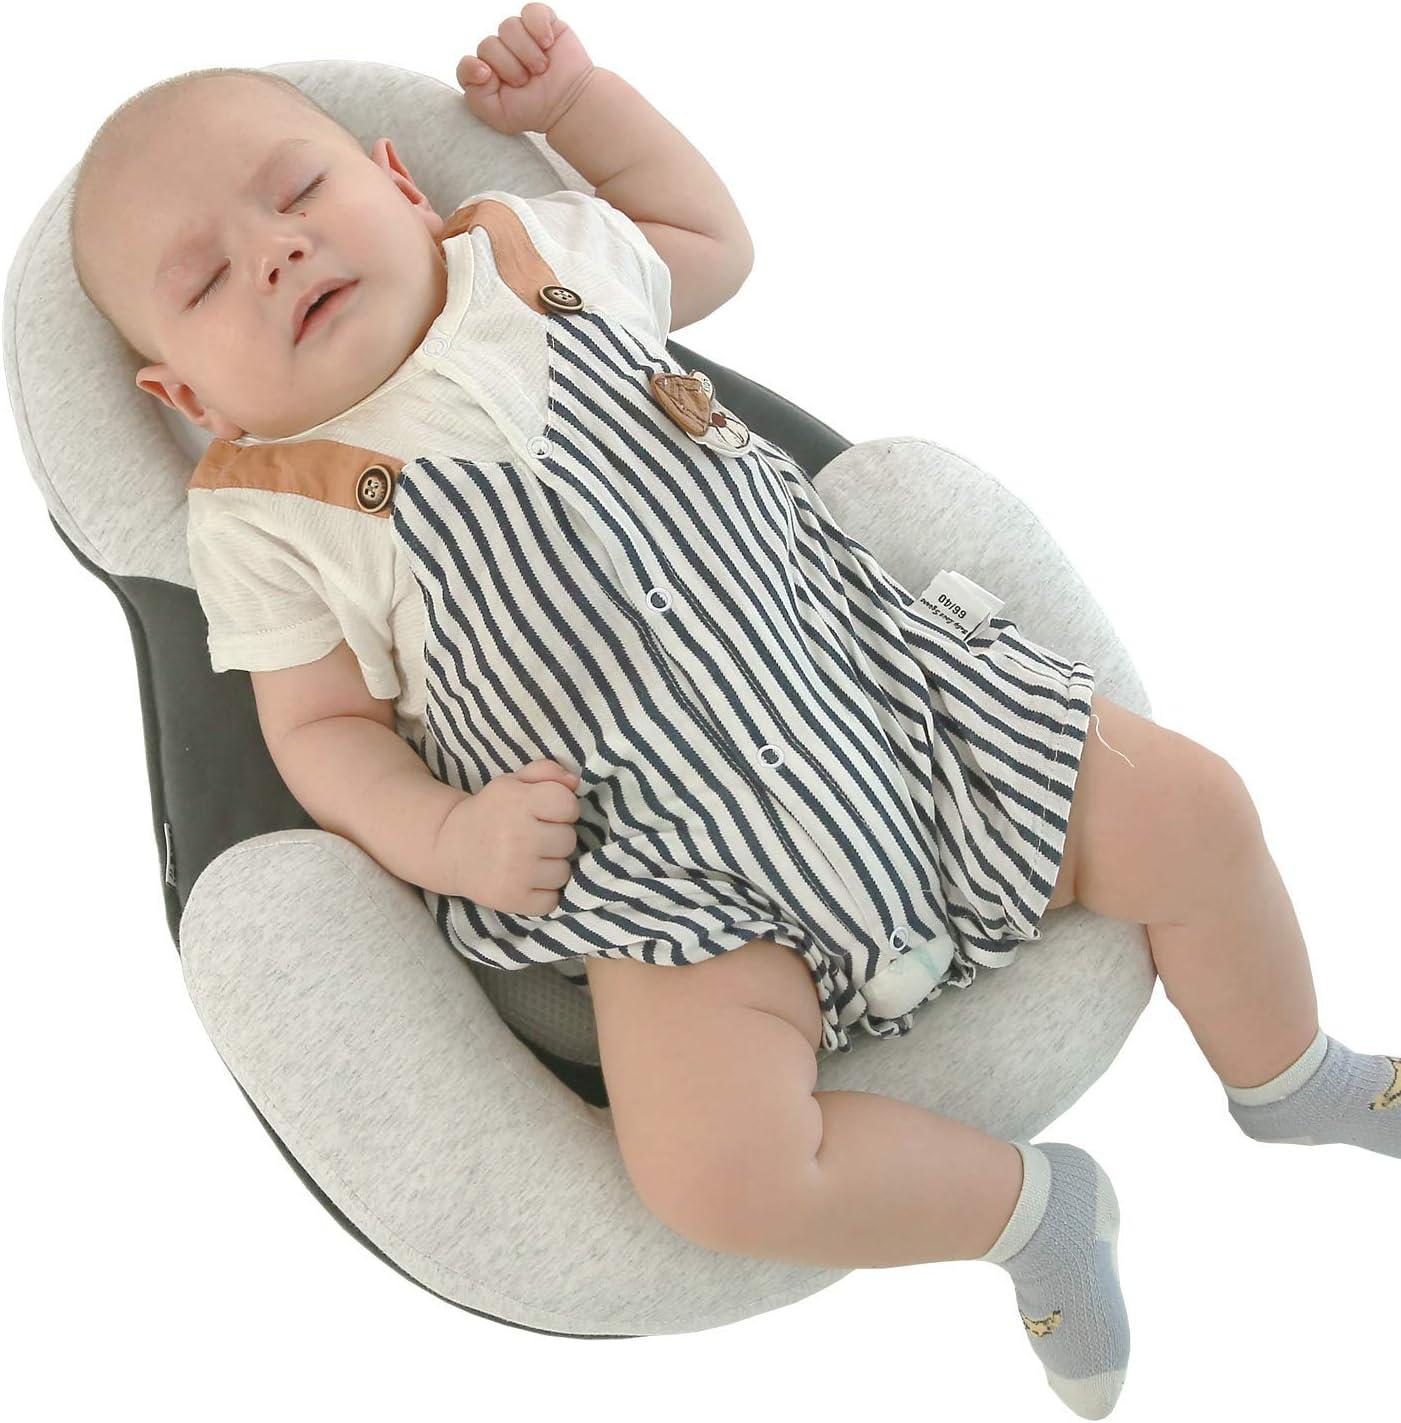 tragbares atmungsaktives Kopfformkissen f/ür Babys Anti-Kopf-Seitenschlafkissen f/ür Babys weiches Formkissen f/ür Babys f/ür 0-12 Monate Khaki